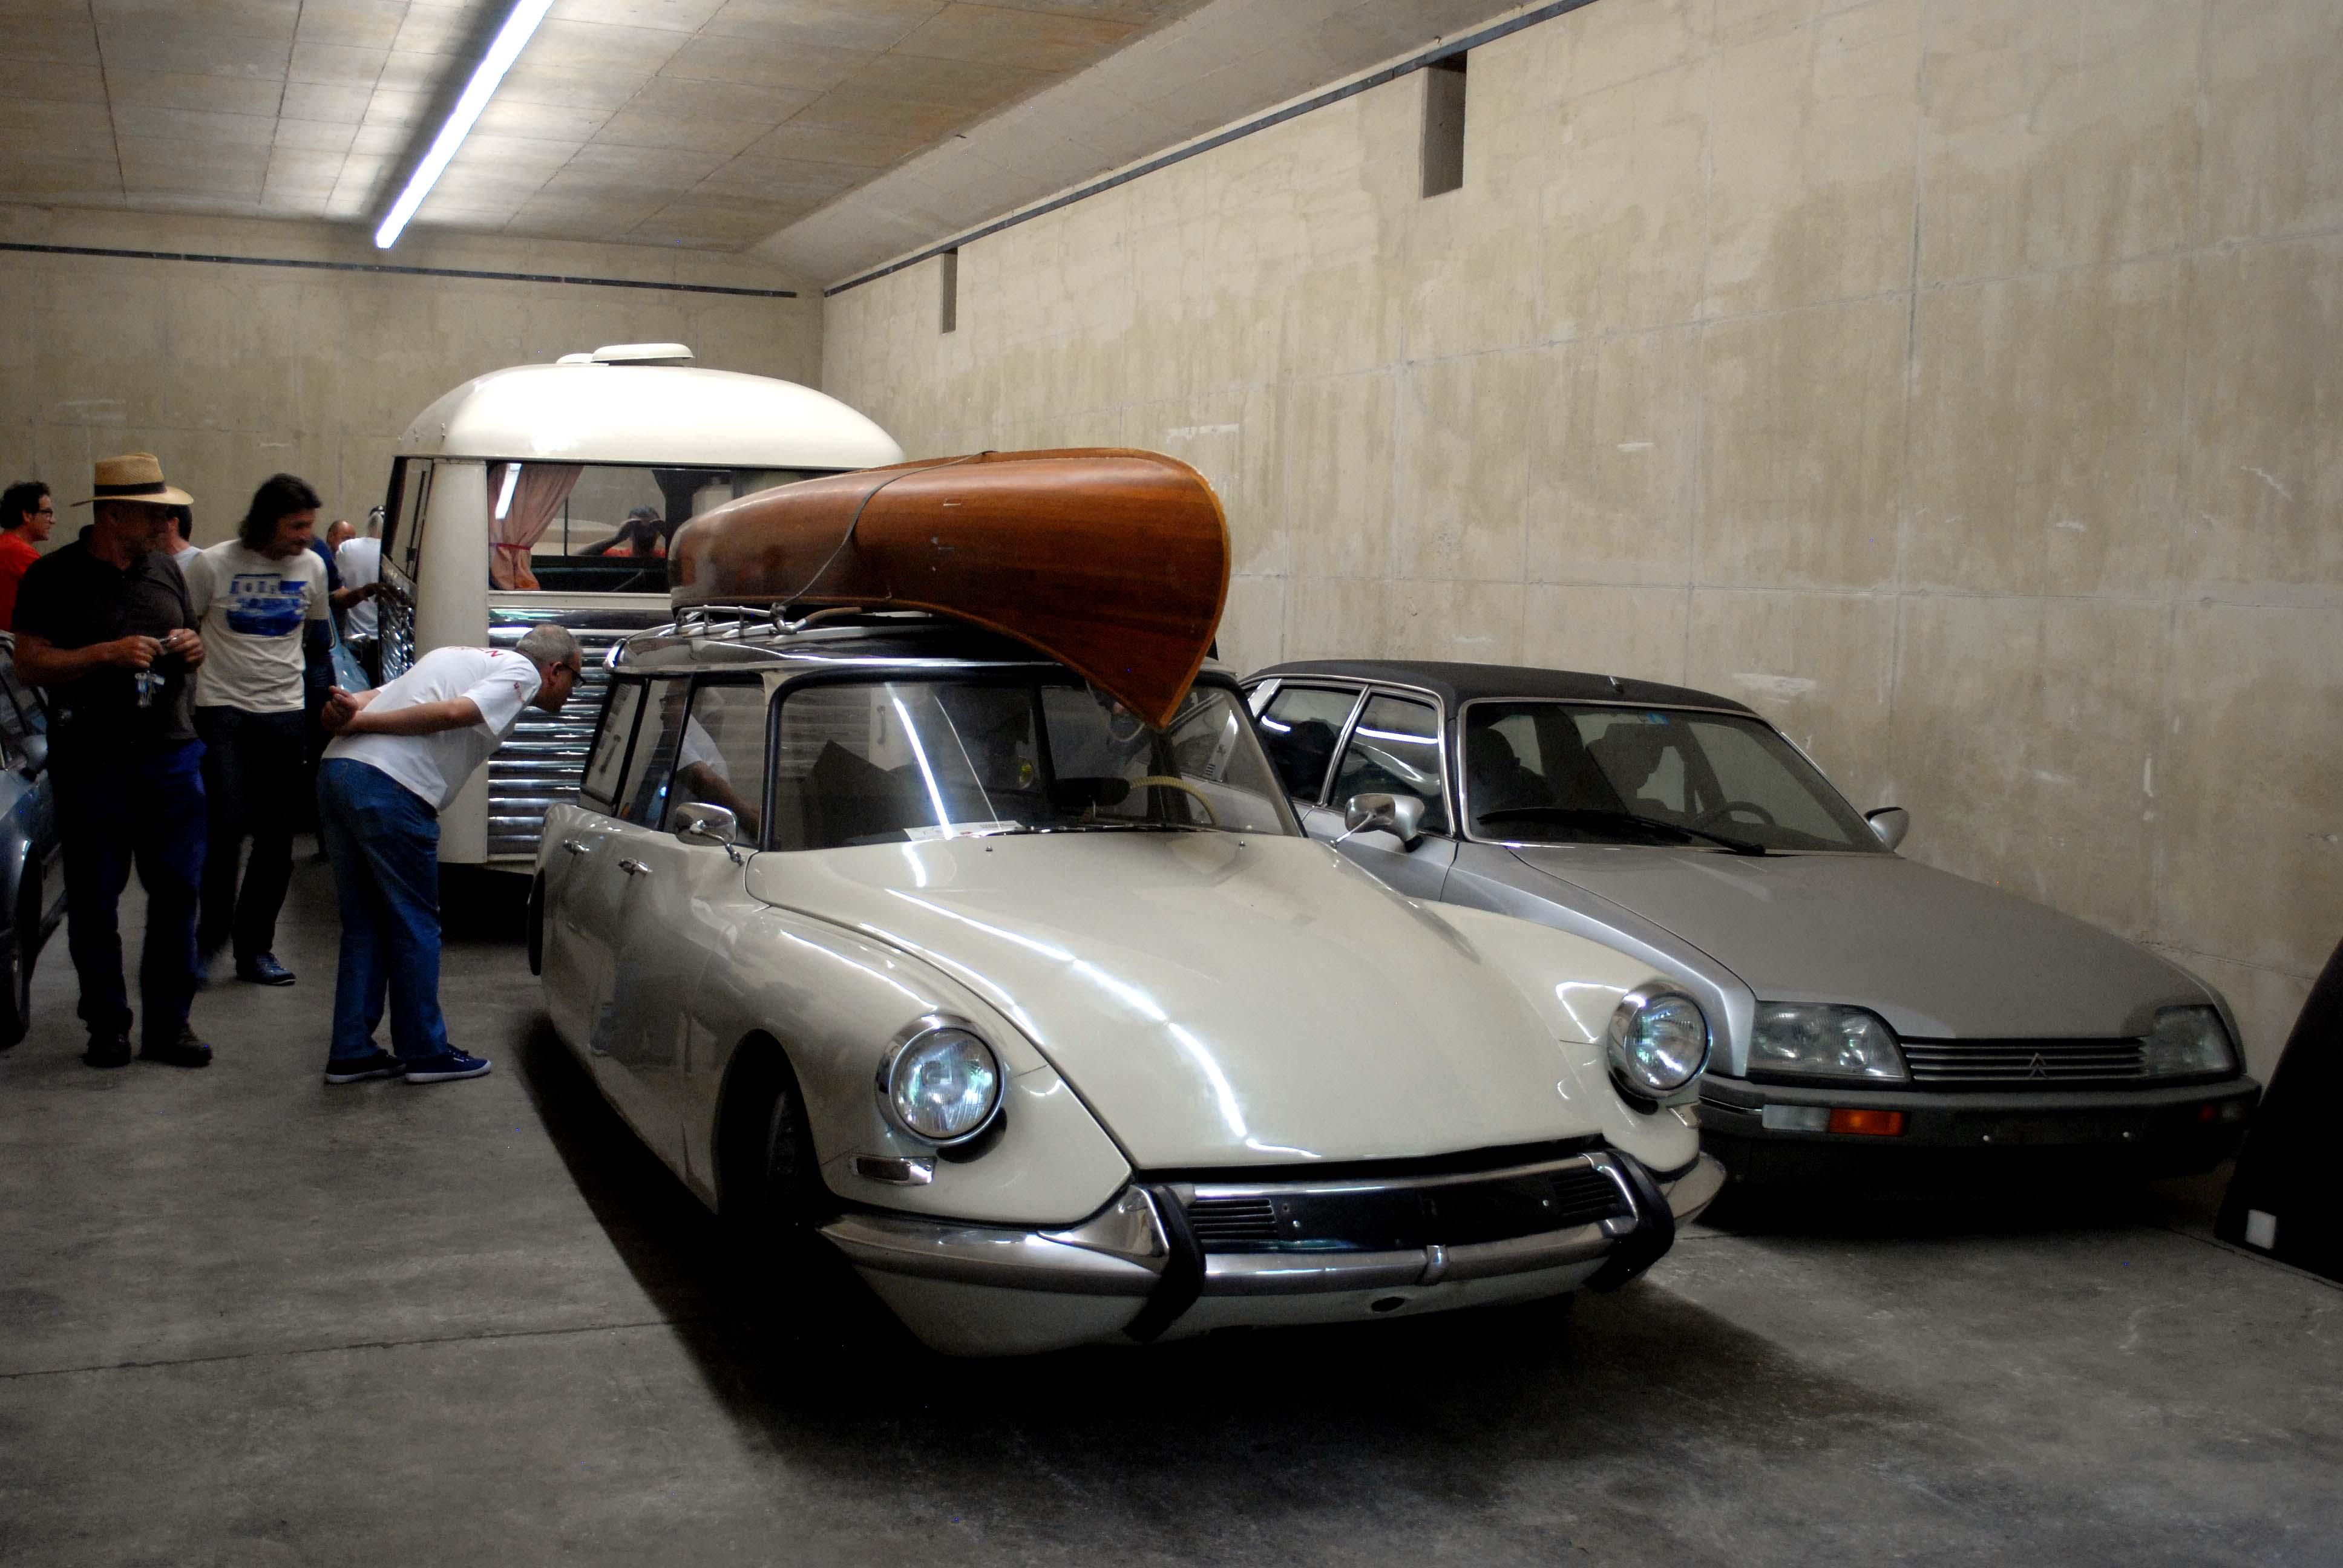 04 l'attuale contenuto del bunker numero 6, ovvero l'auto delle vacanze del signor Peters